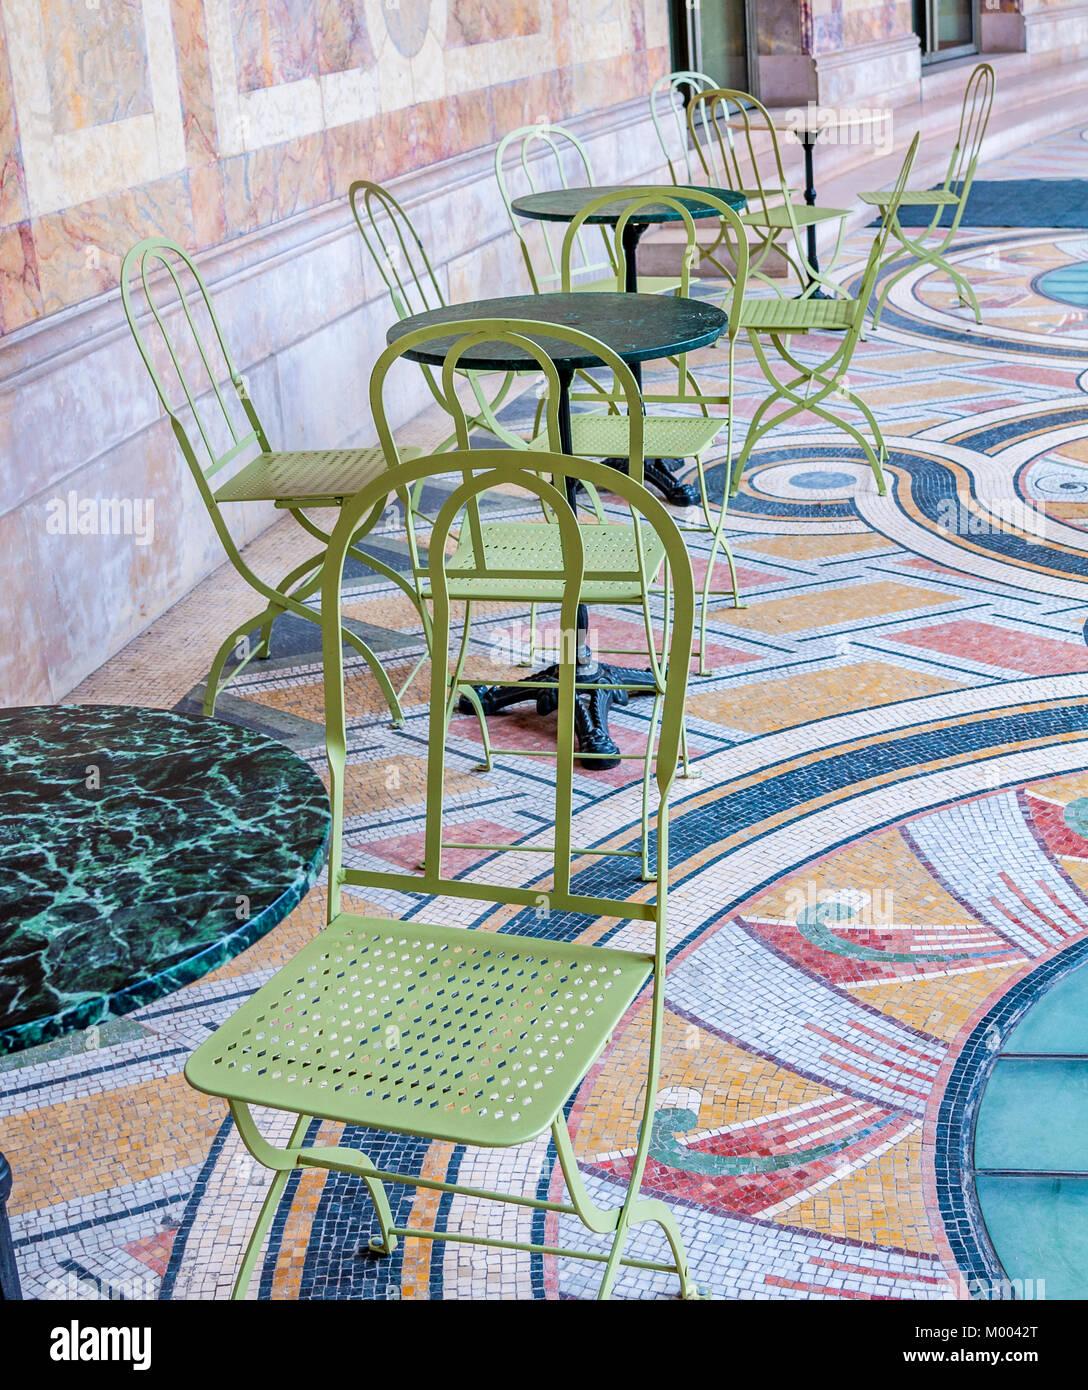 Chaises et tables de jardin vert sur un carrelage en ...